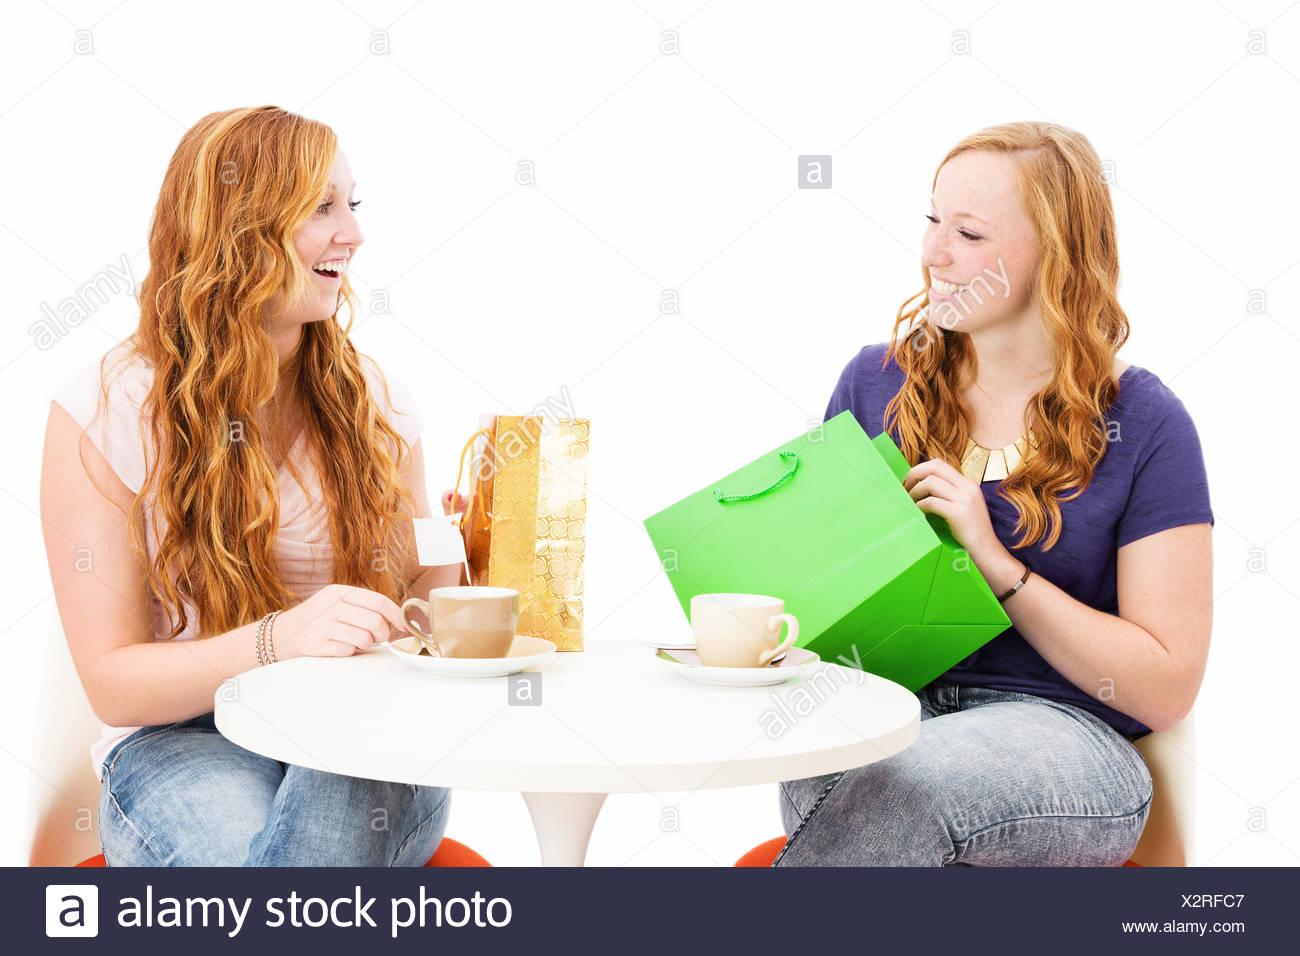 Glückliche Frauen Mit Einkaufstüten An Einem Kaffee Tisch Vor Weißem  Hintergrund   Stock Image